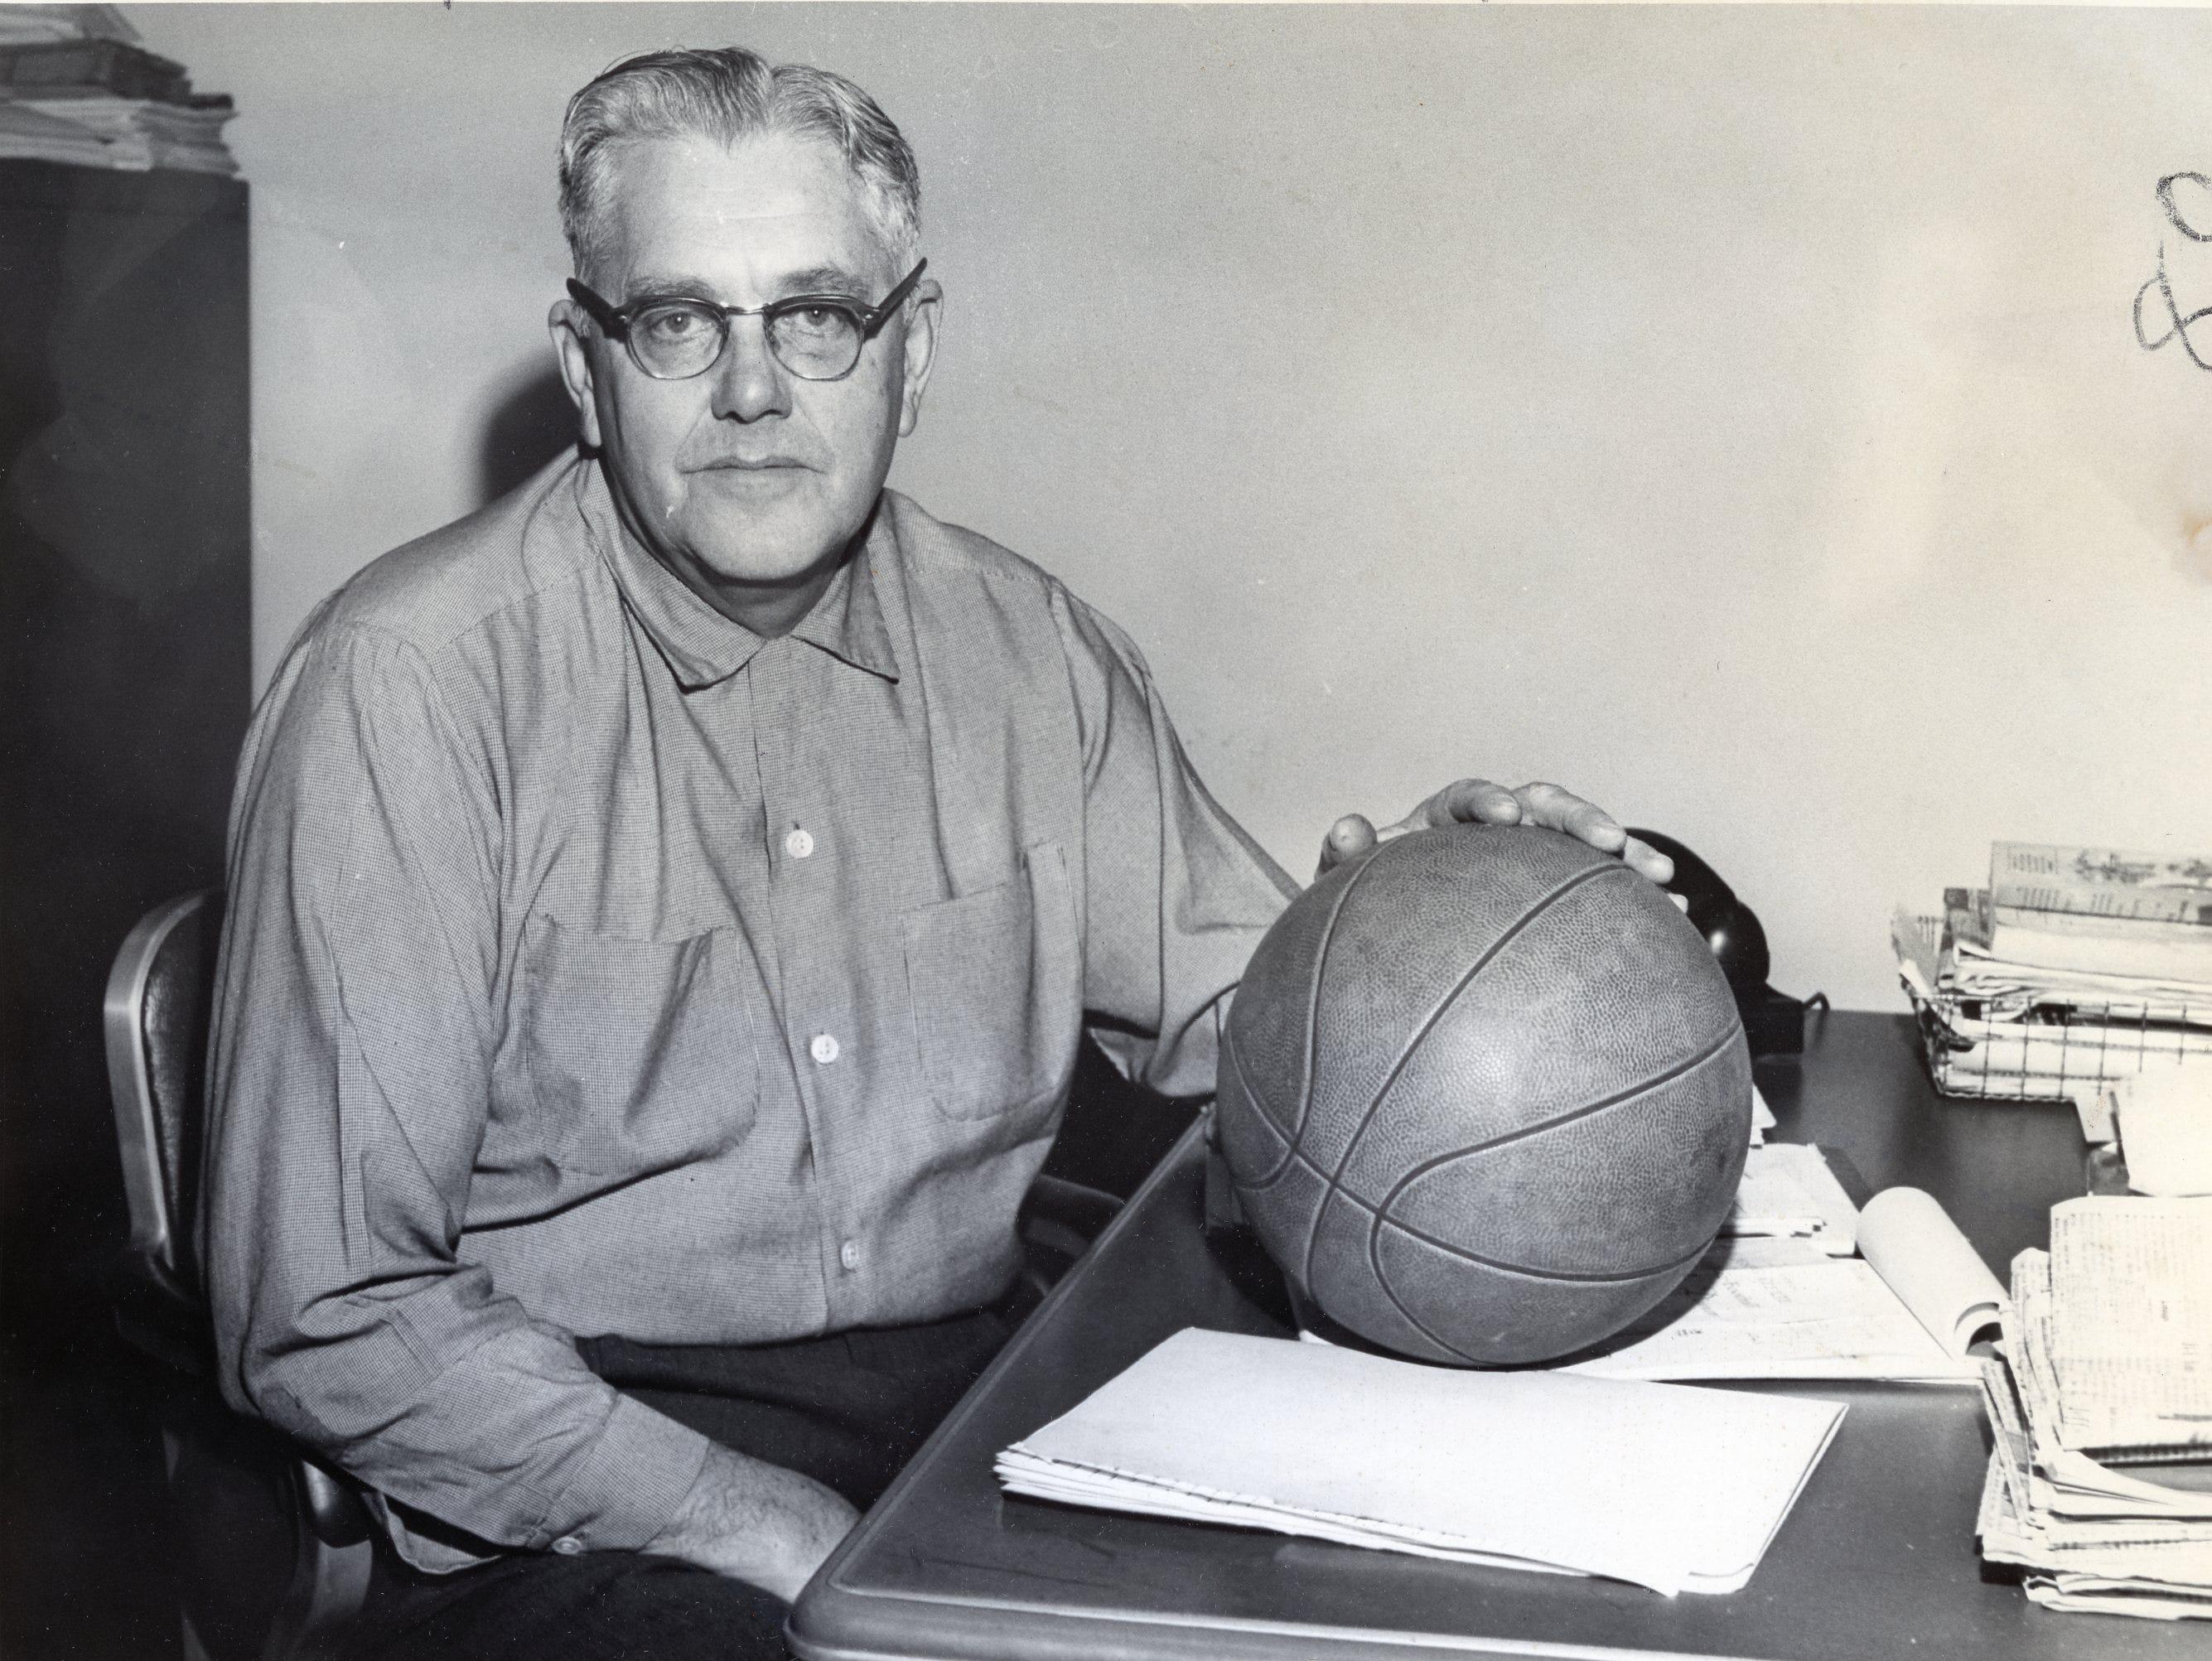 Coach John Mauer, December, 1961.